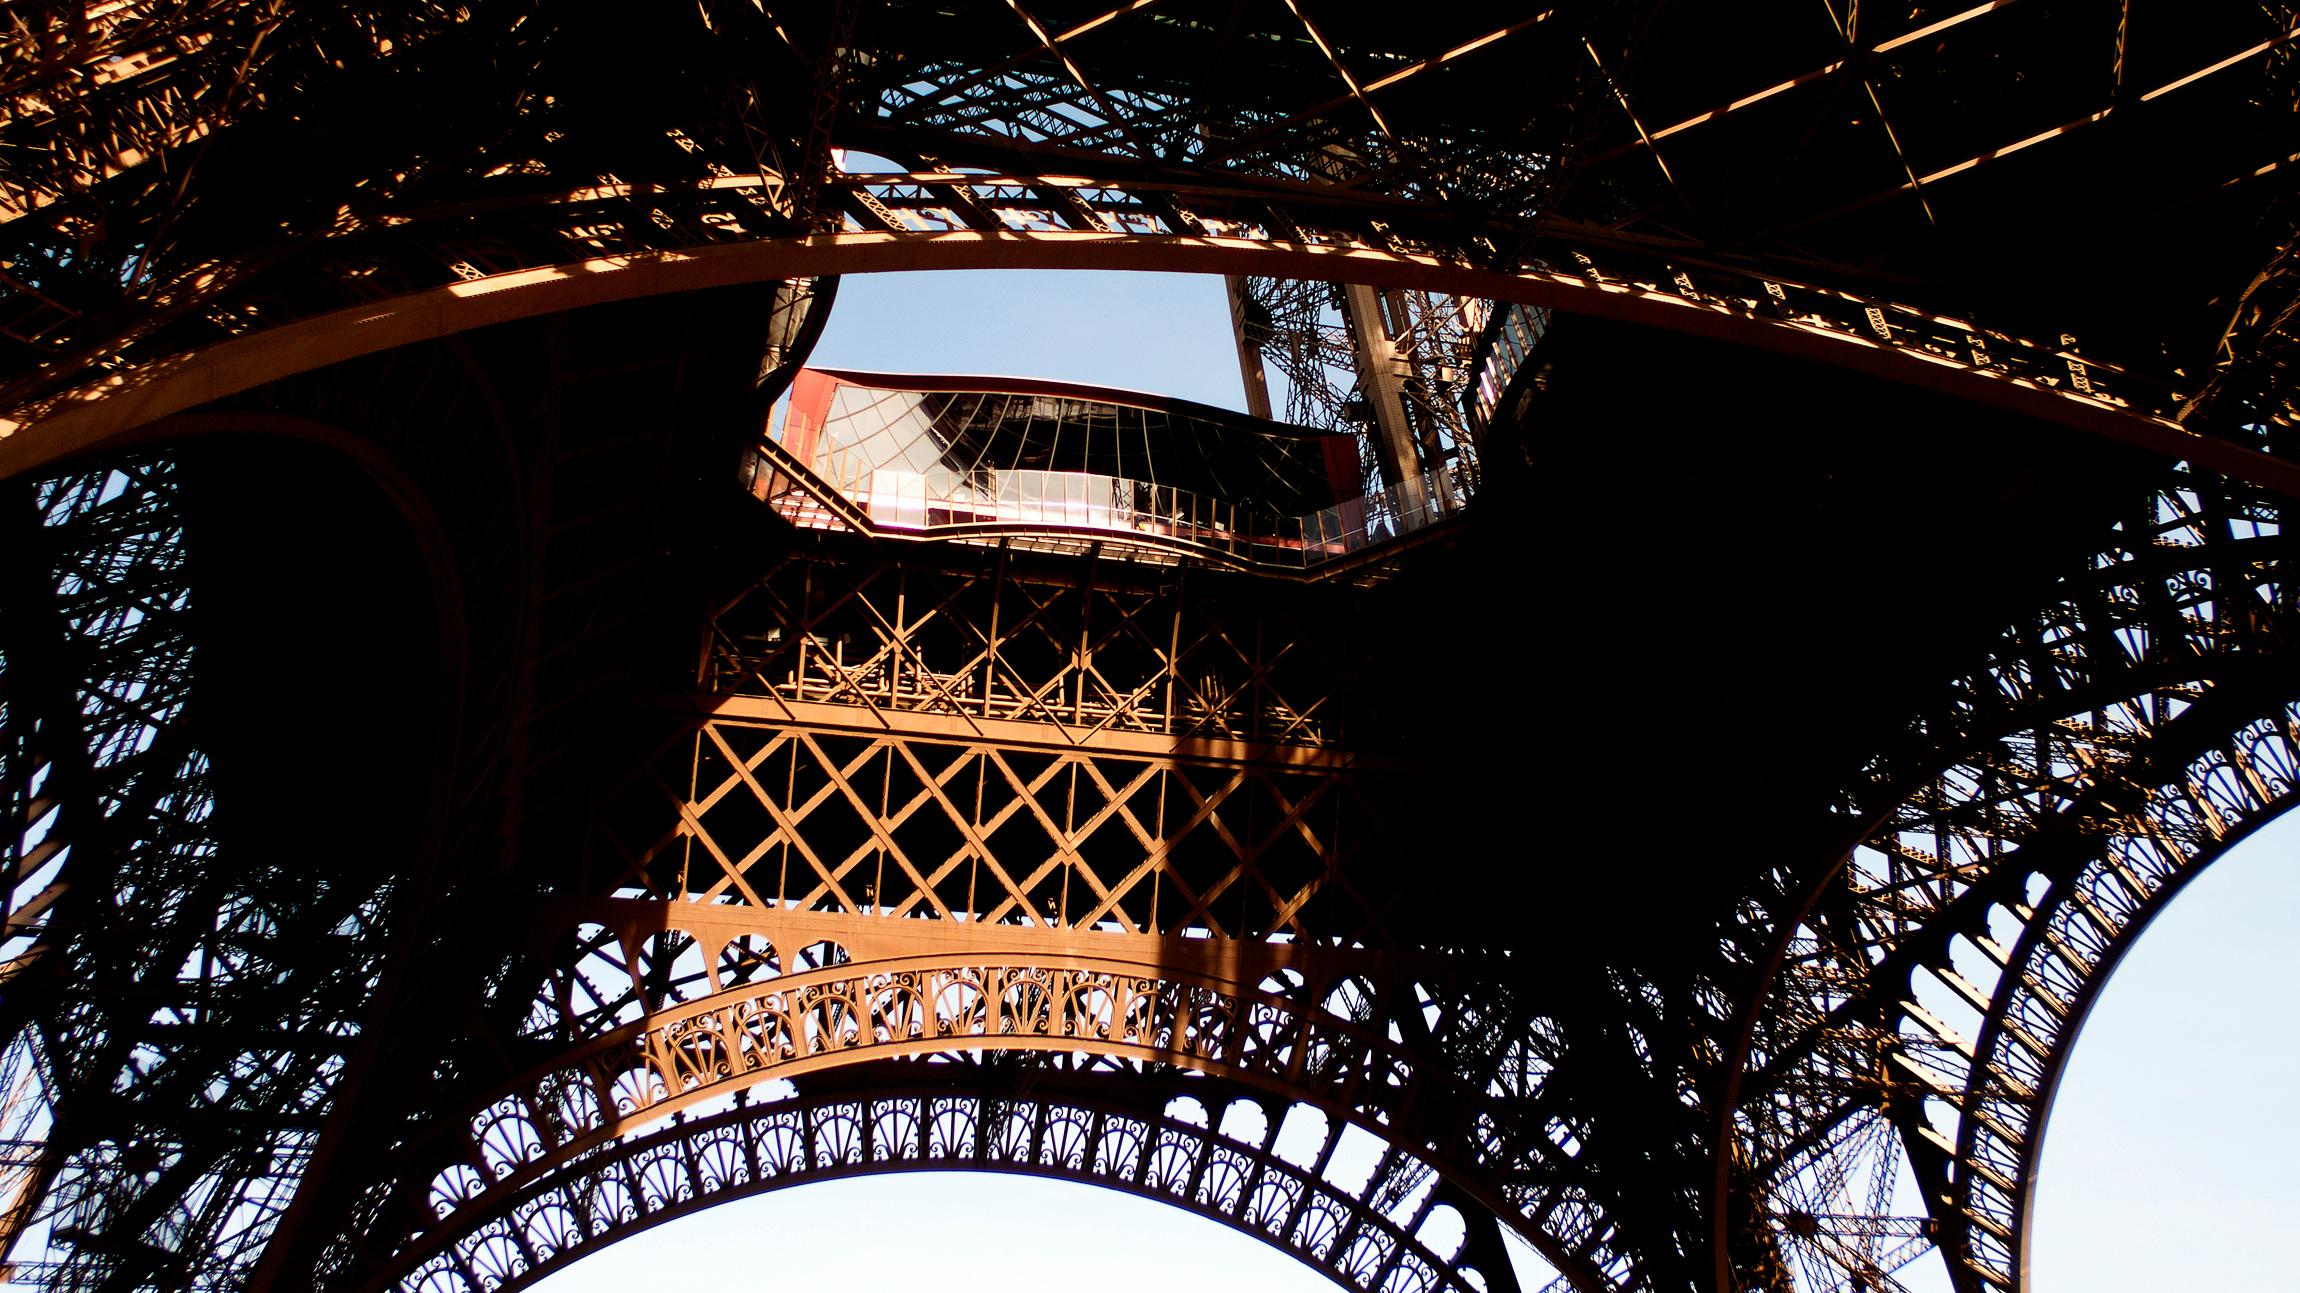 EiffelTowerUnder.jpg